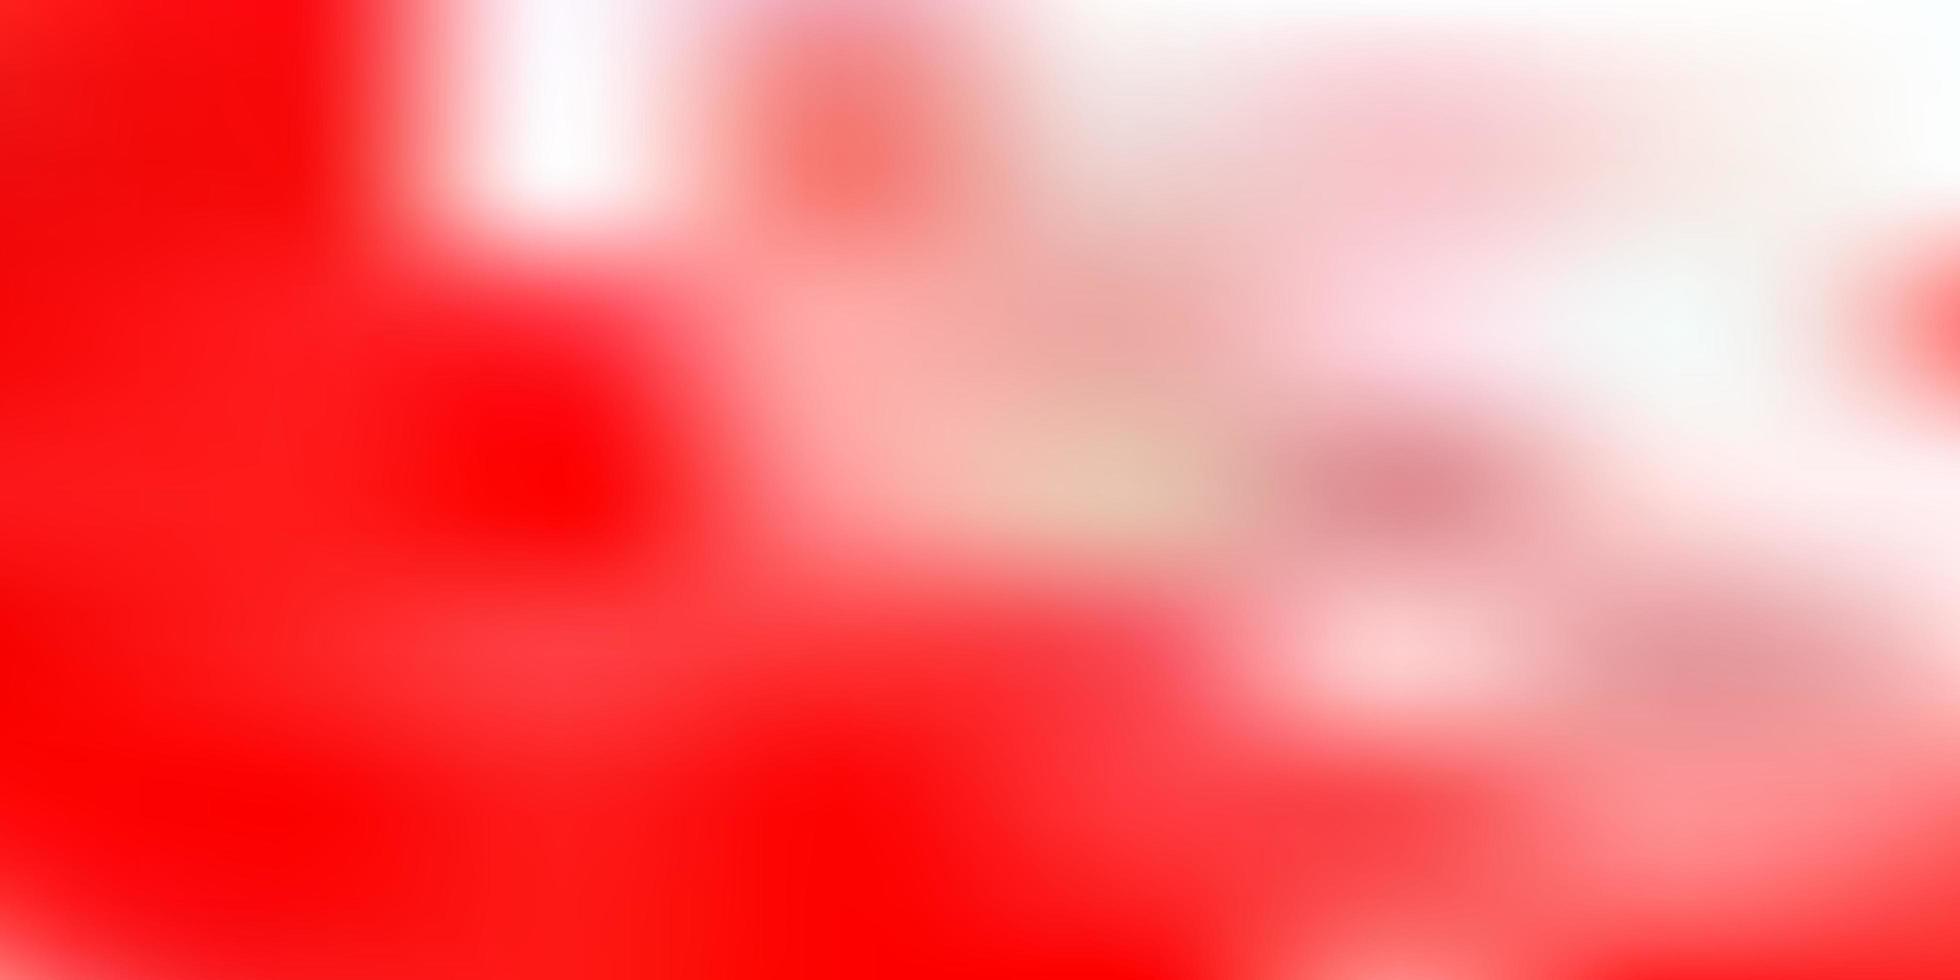 sfondo sfocato sfumato vettoriale rosso chiaro.